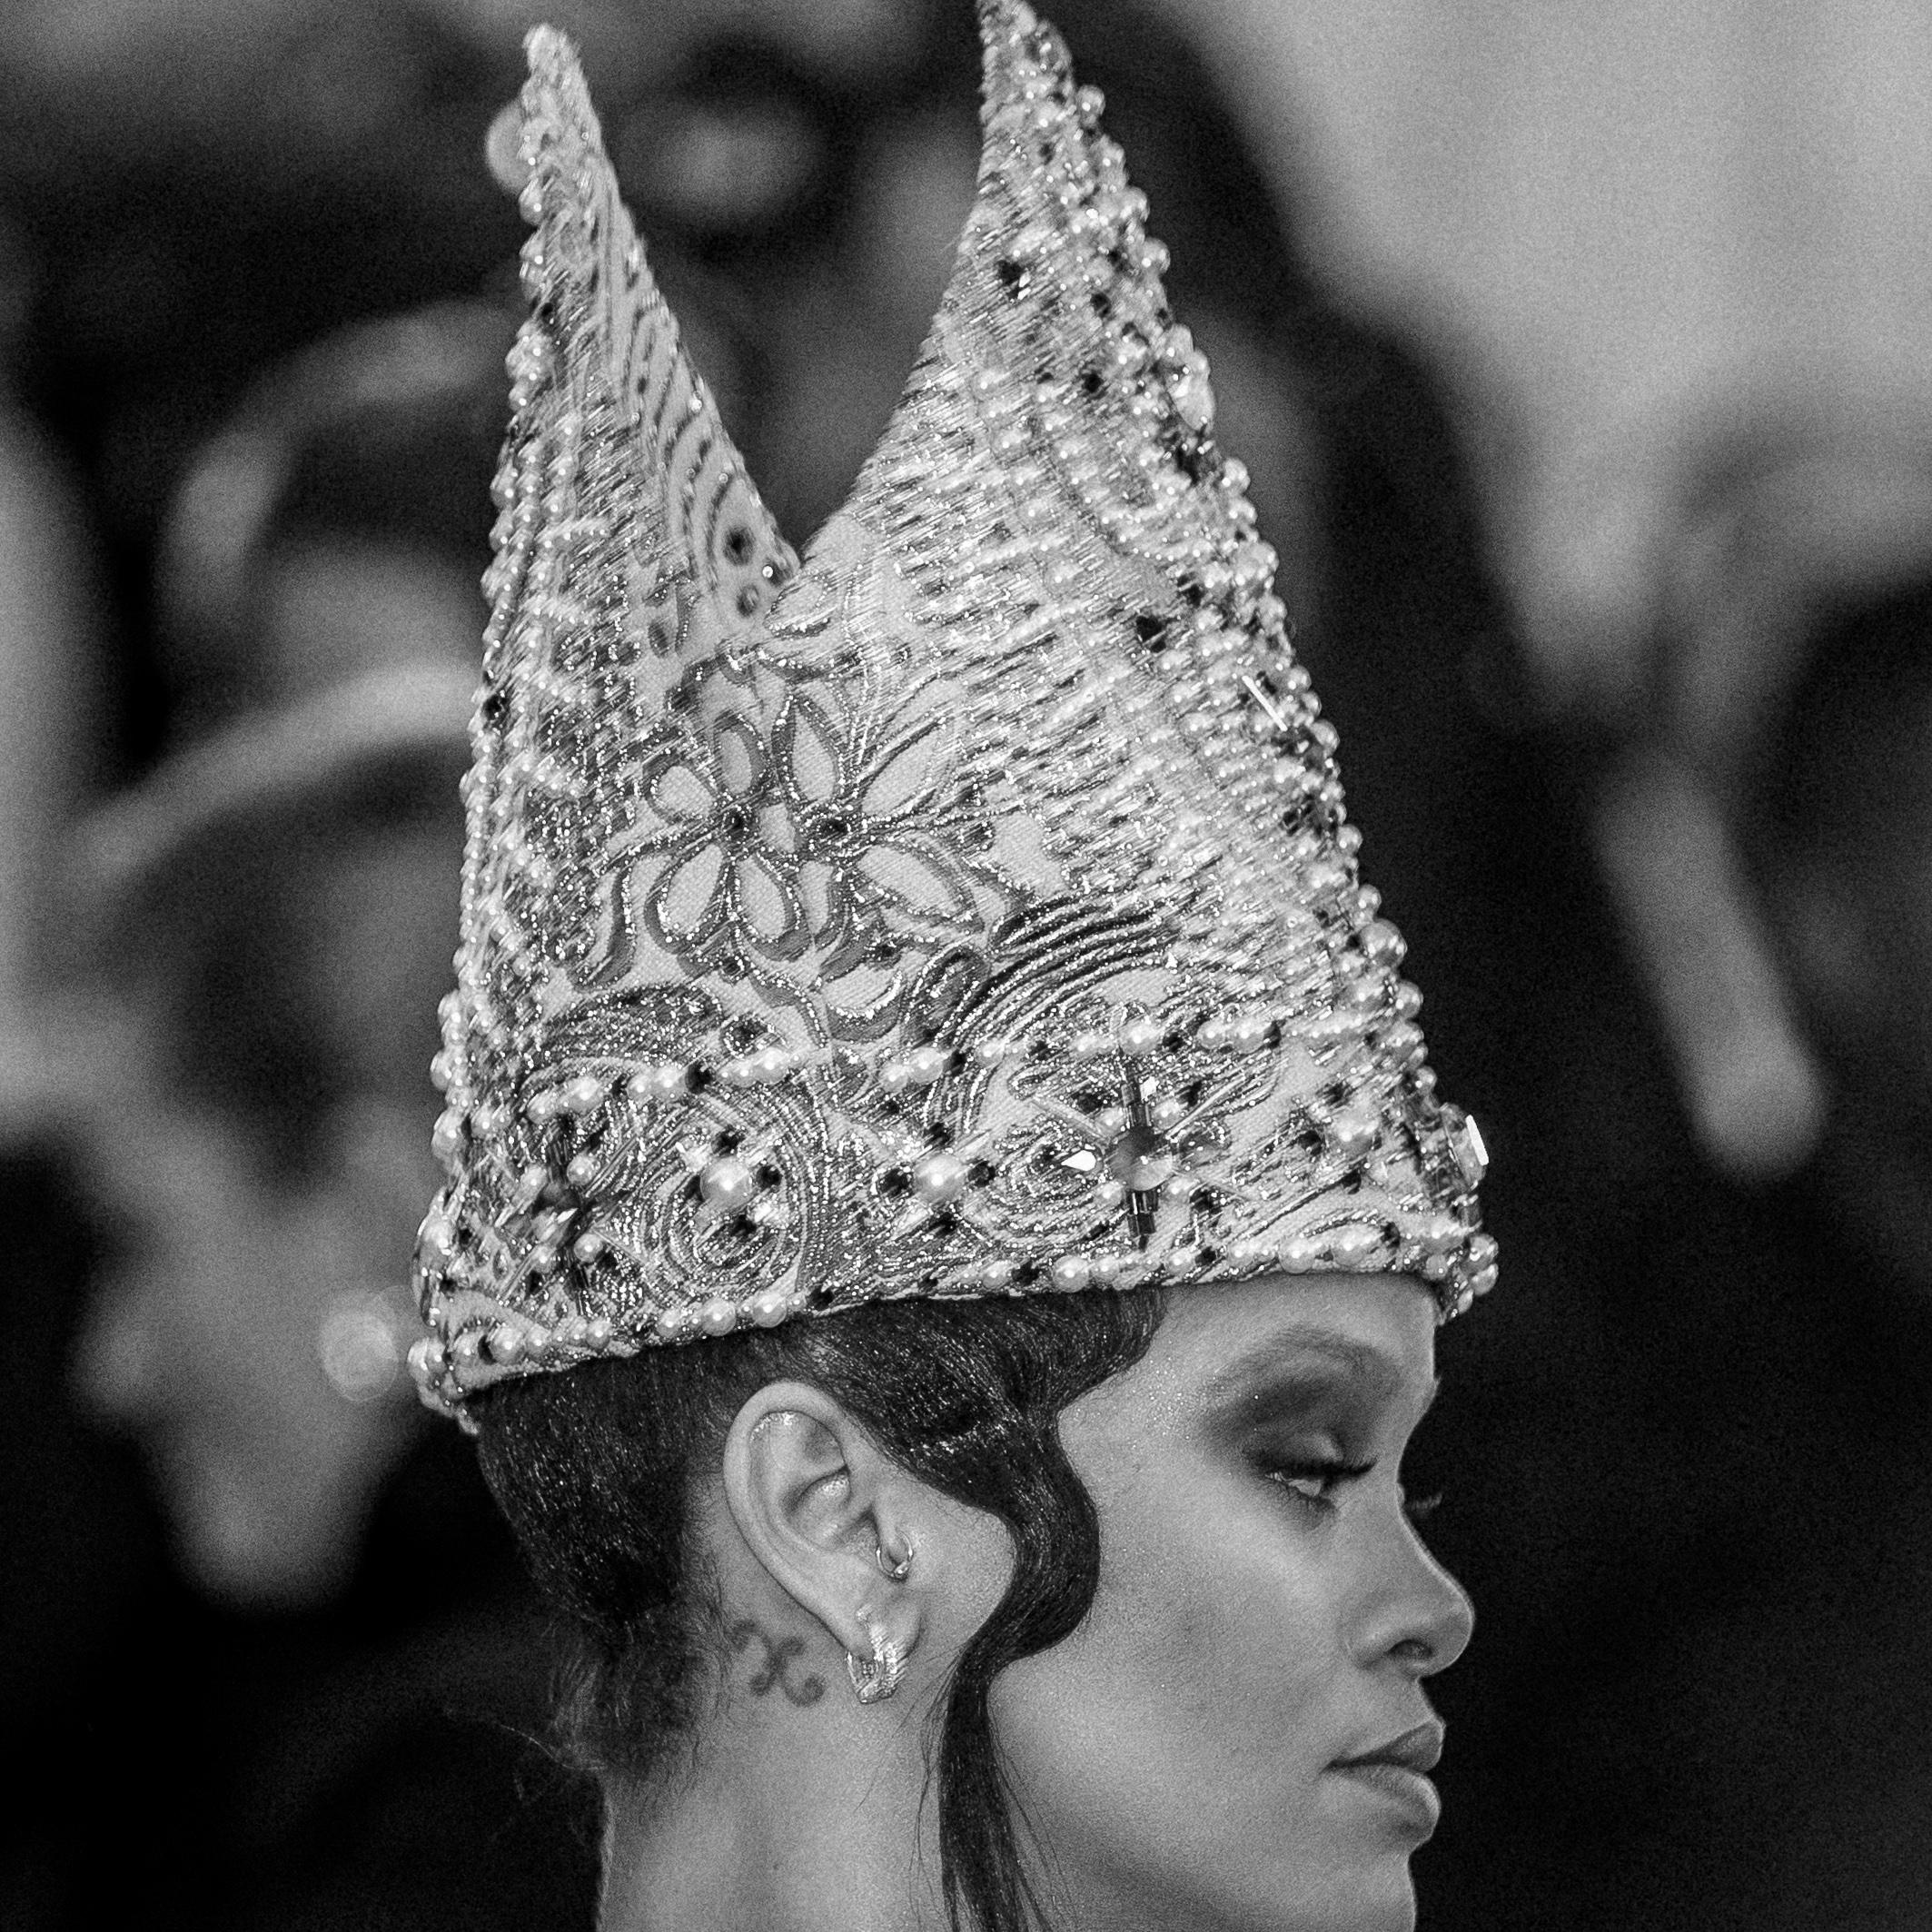 Rihanna at the 2018 Met Gala. Photograph by Siyu Tang.